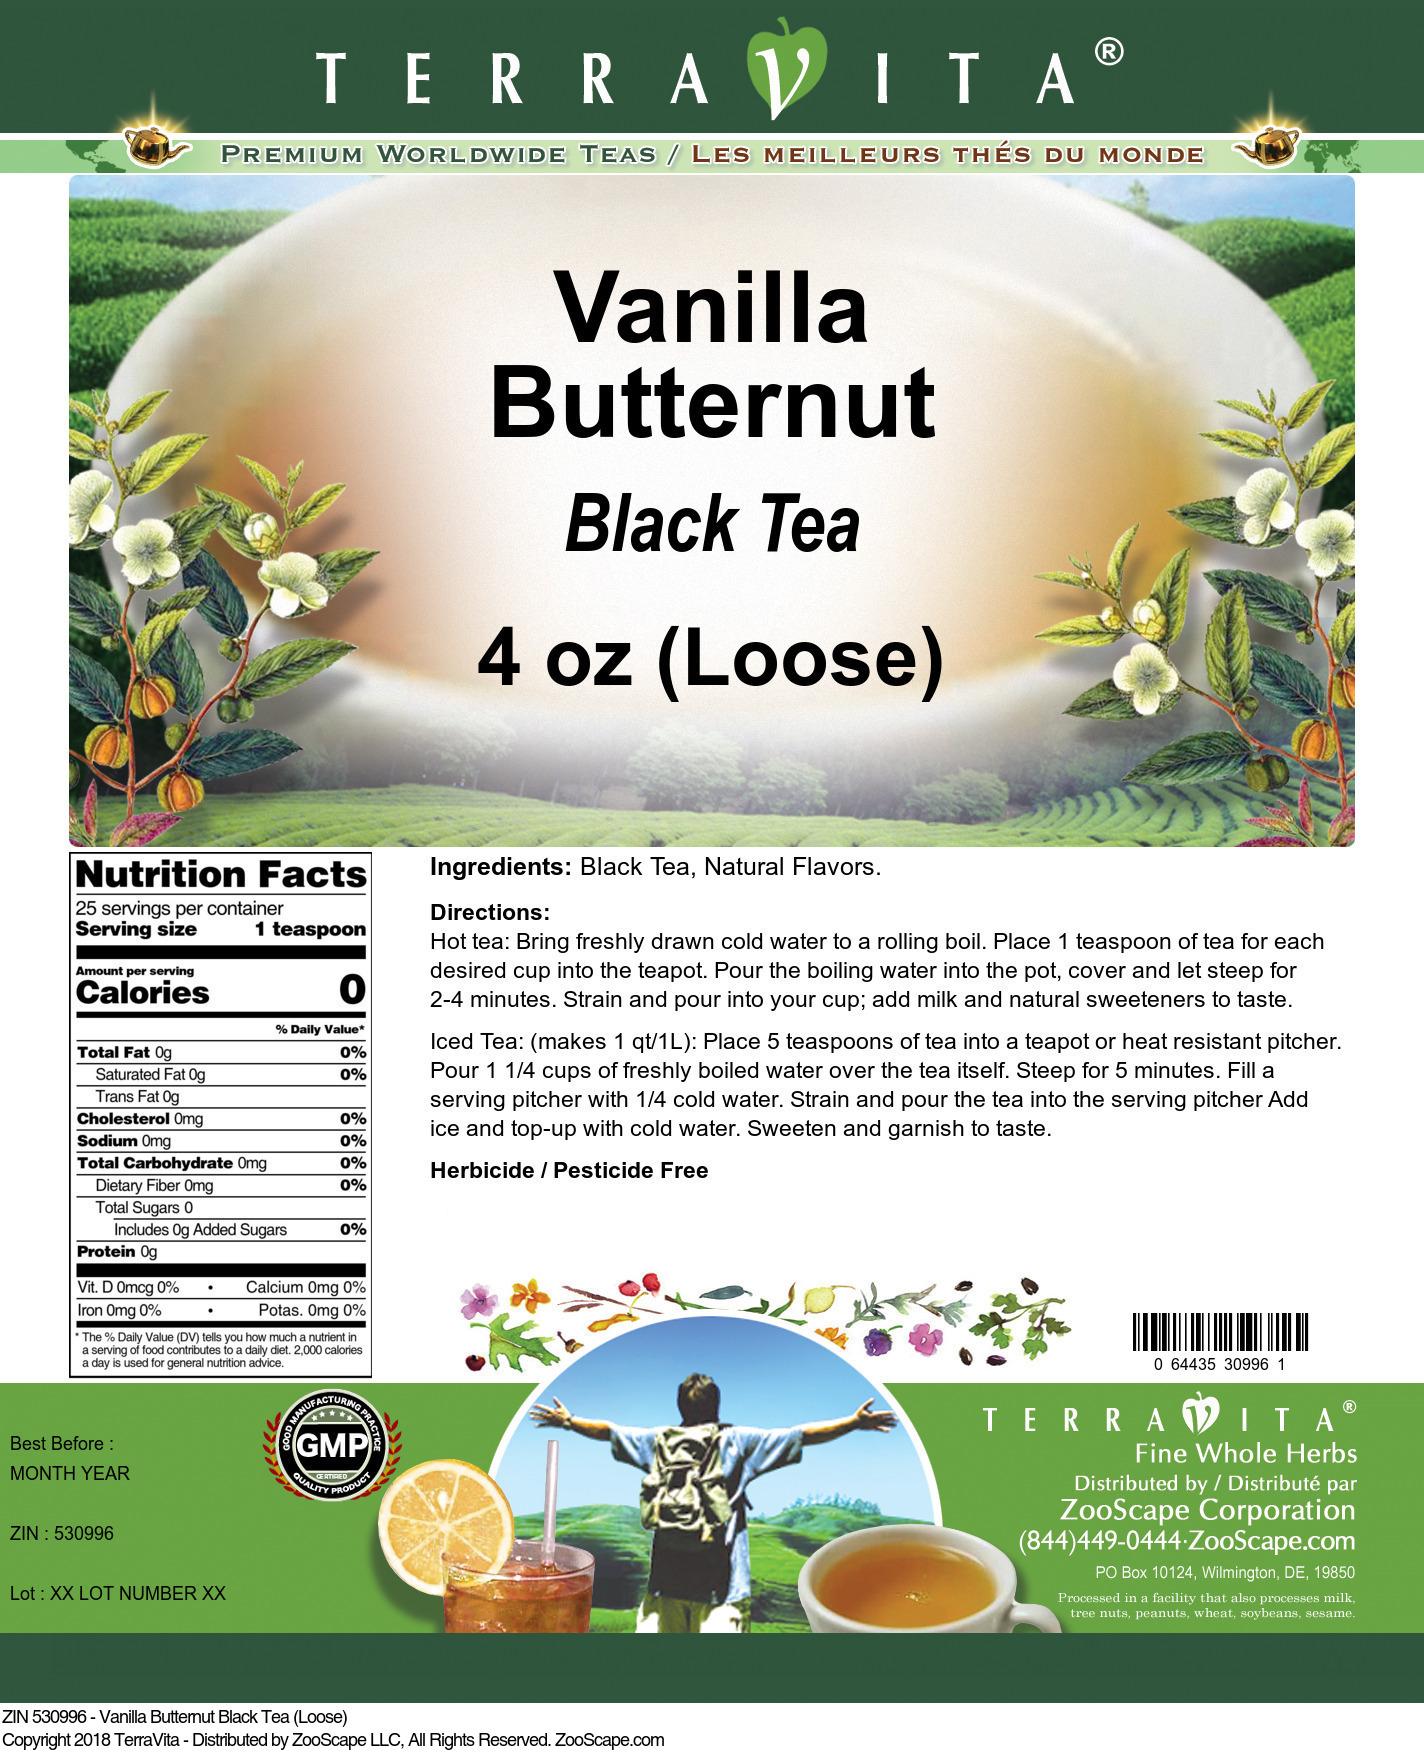 Vanilla Butternut Black Tea (Loose)